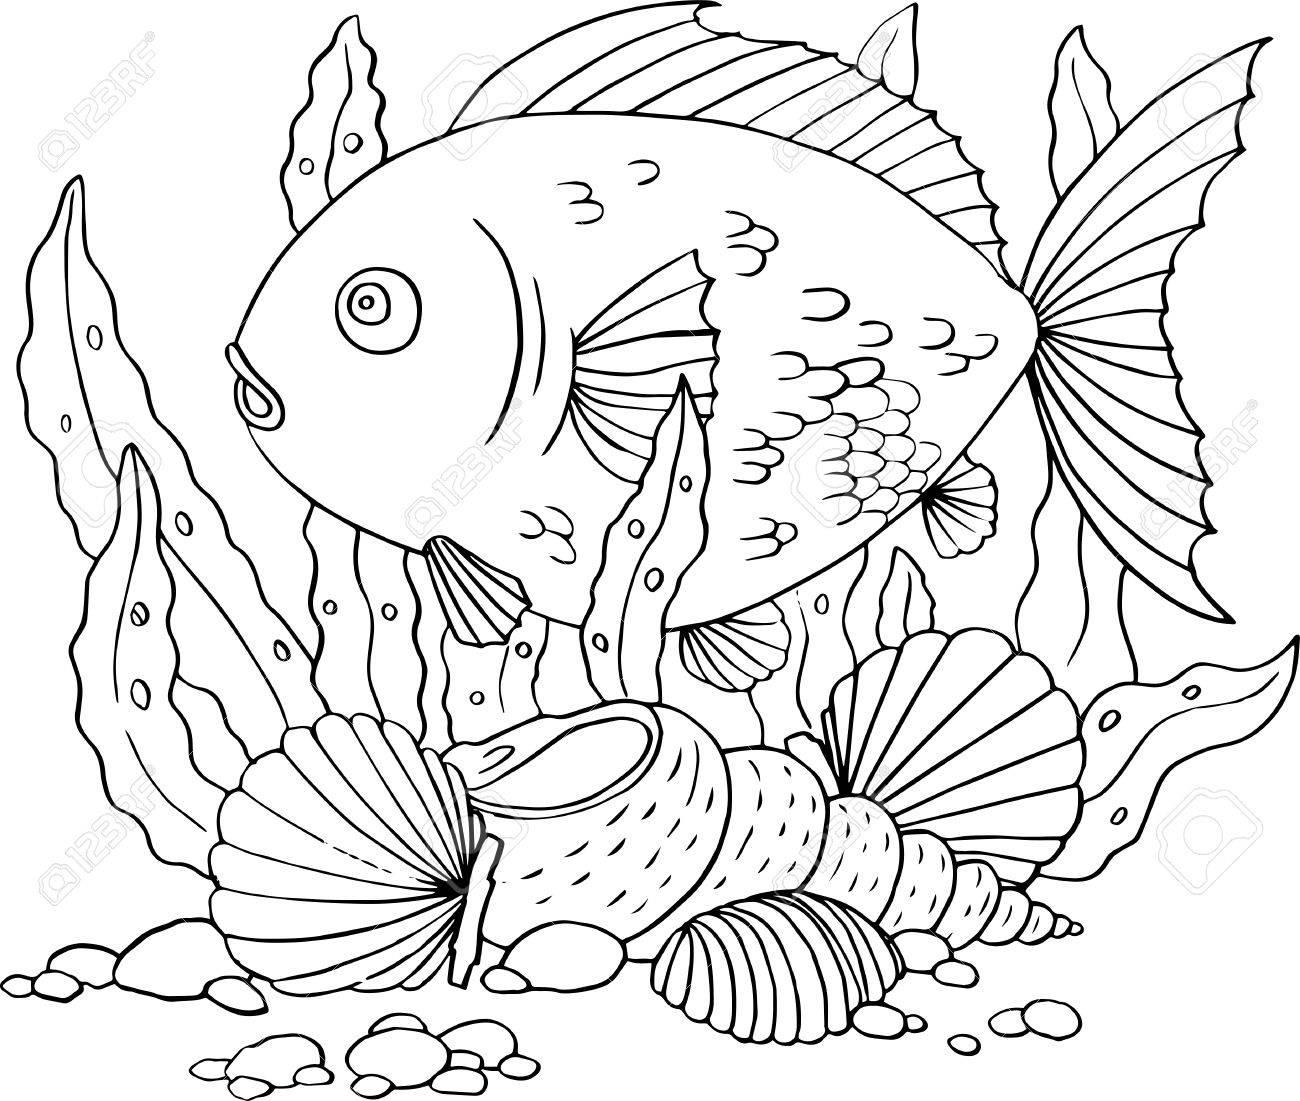 1300x1101 Fish, Seaweed And Shells, Hand Drawn Vector Illustration Royalty